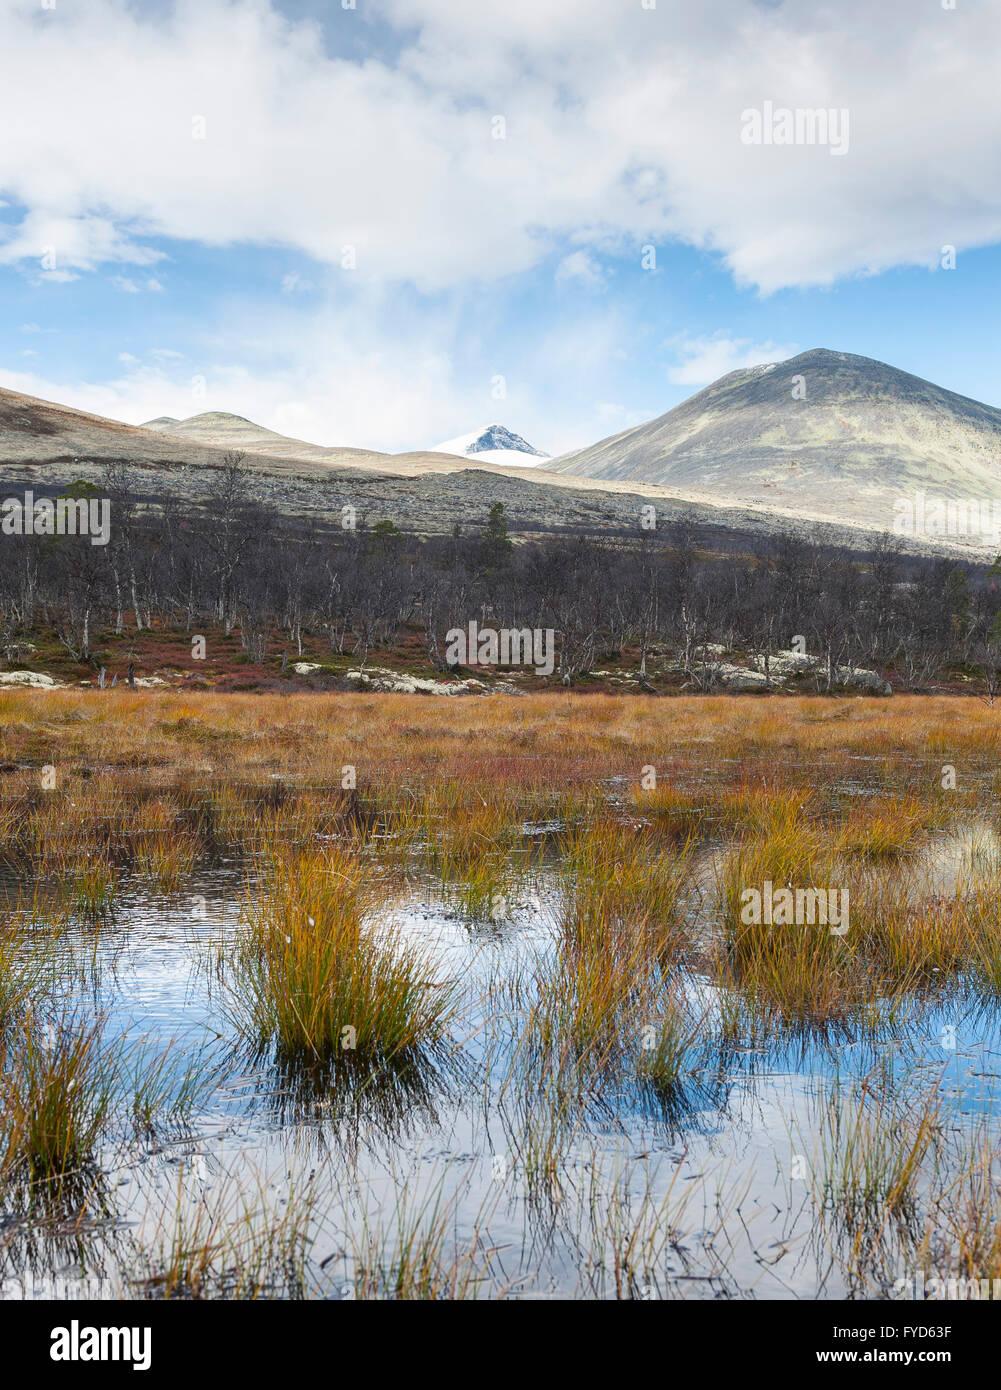 Feuchtgebiet und Bergen, Norwegen Stockbild